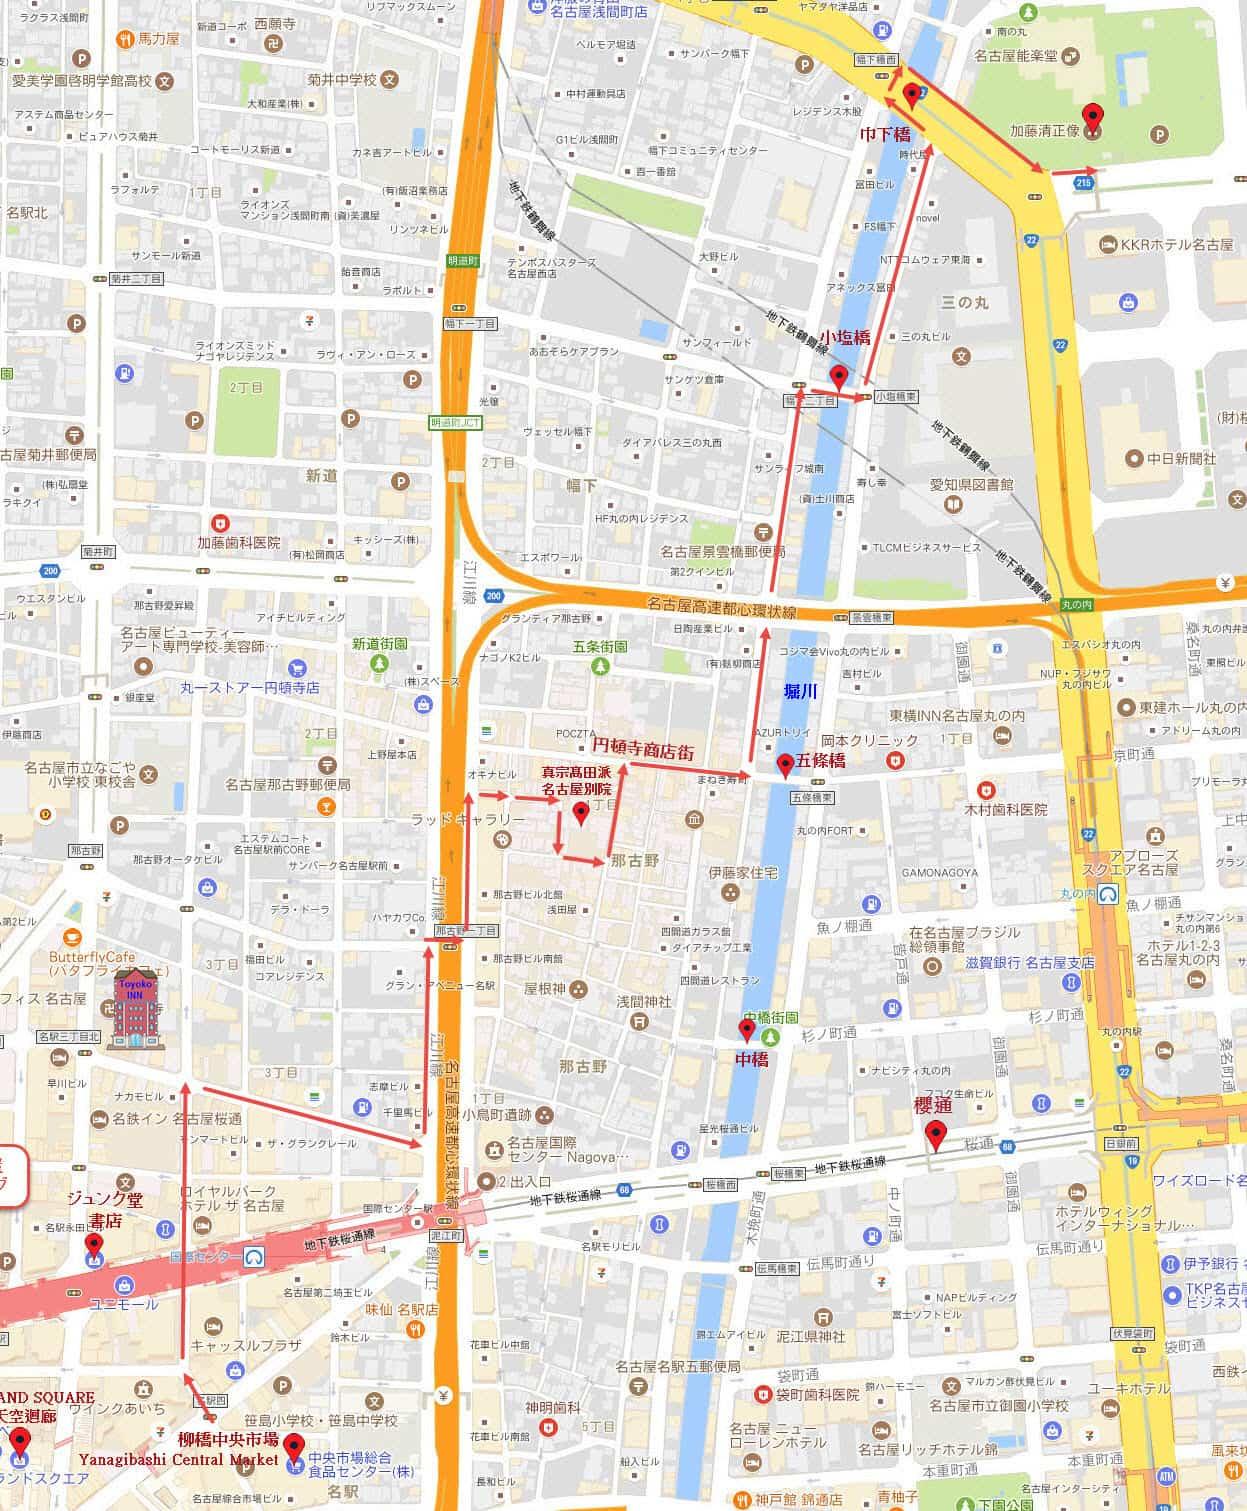 名古屋柳橋中央市場步行往名古屋城地圖